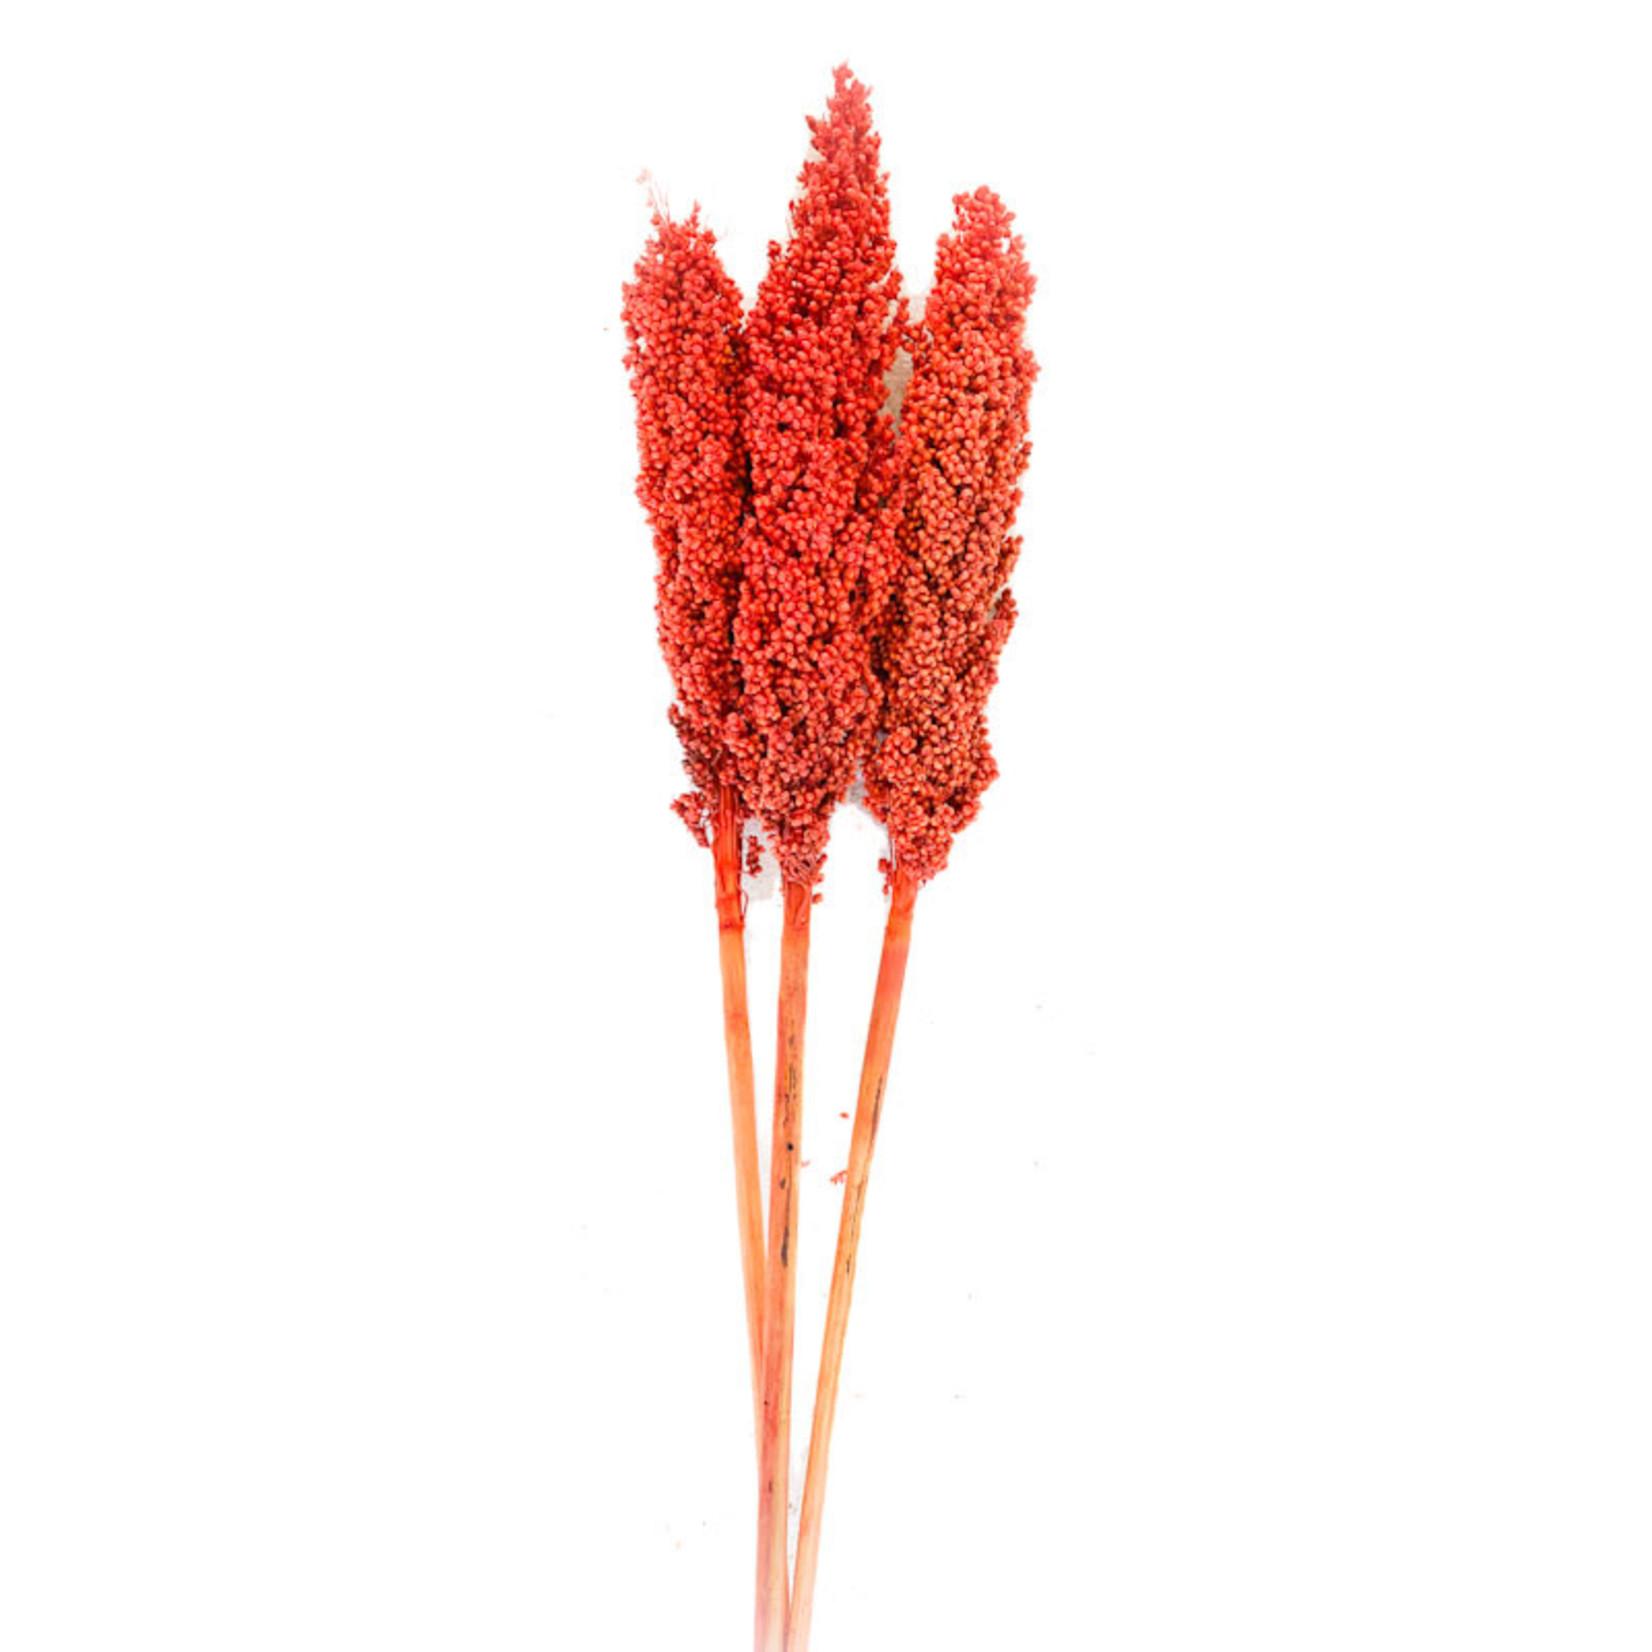 Milo Berry - Orange (3-4 stem)